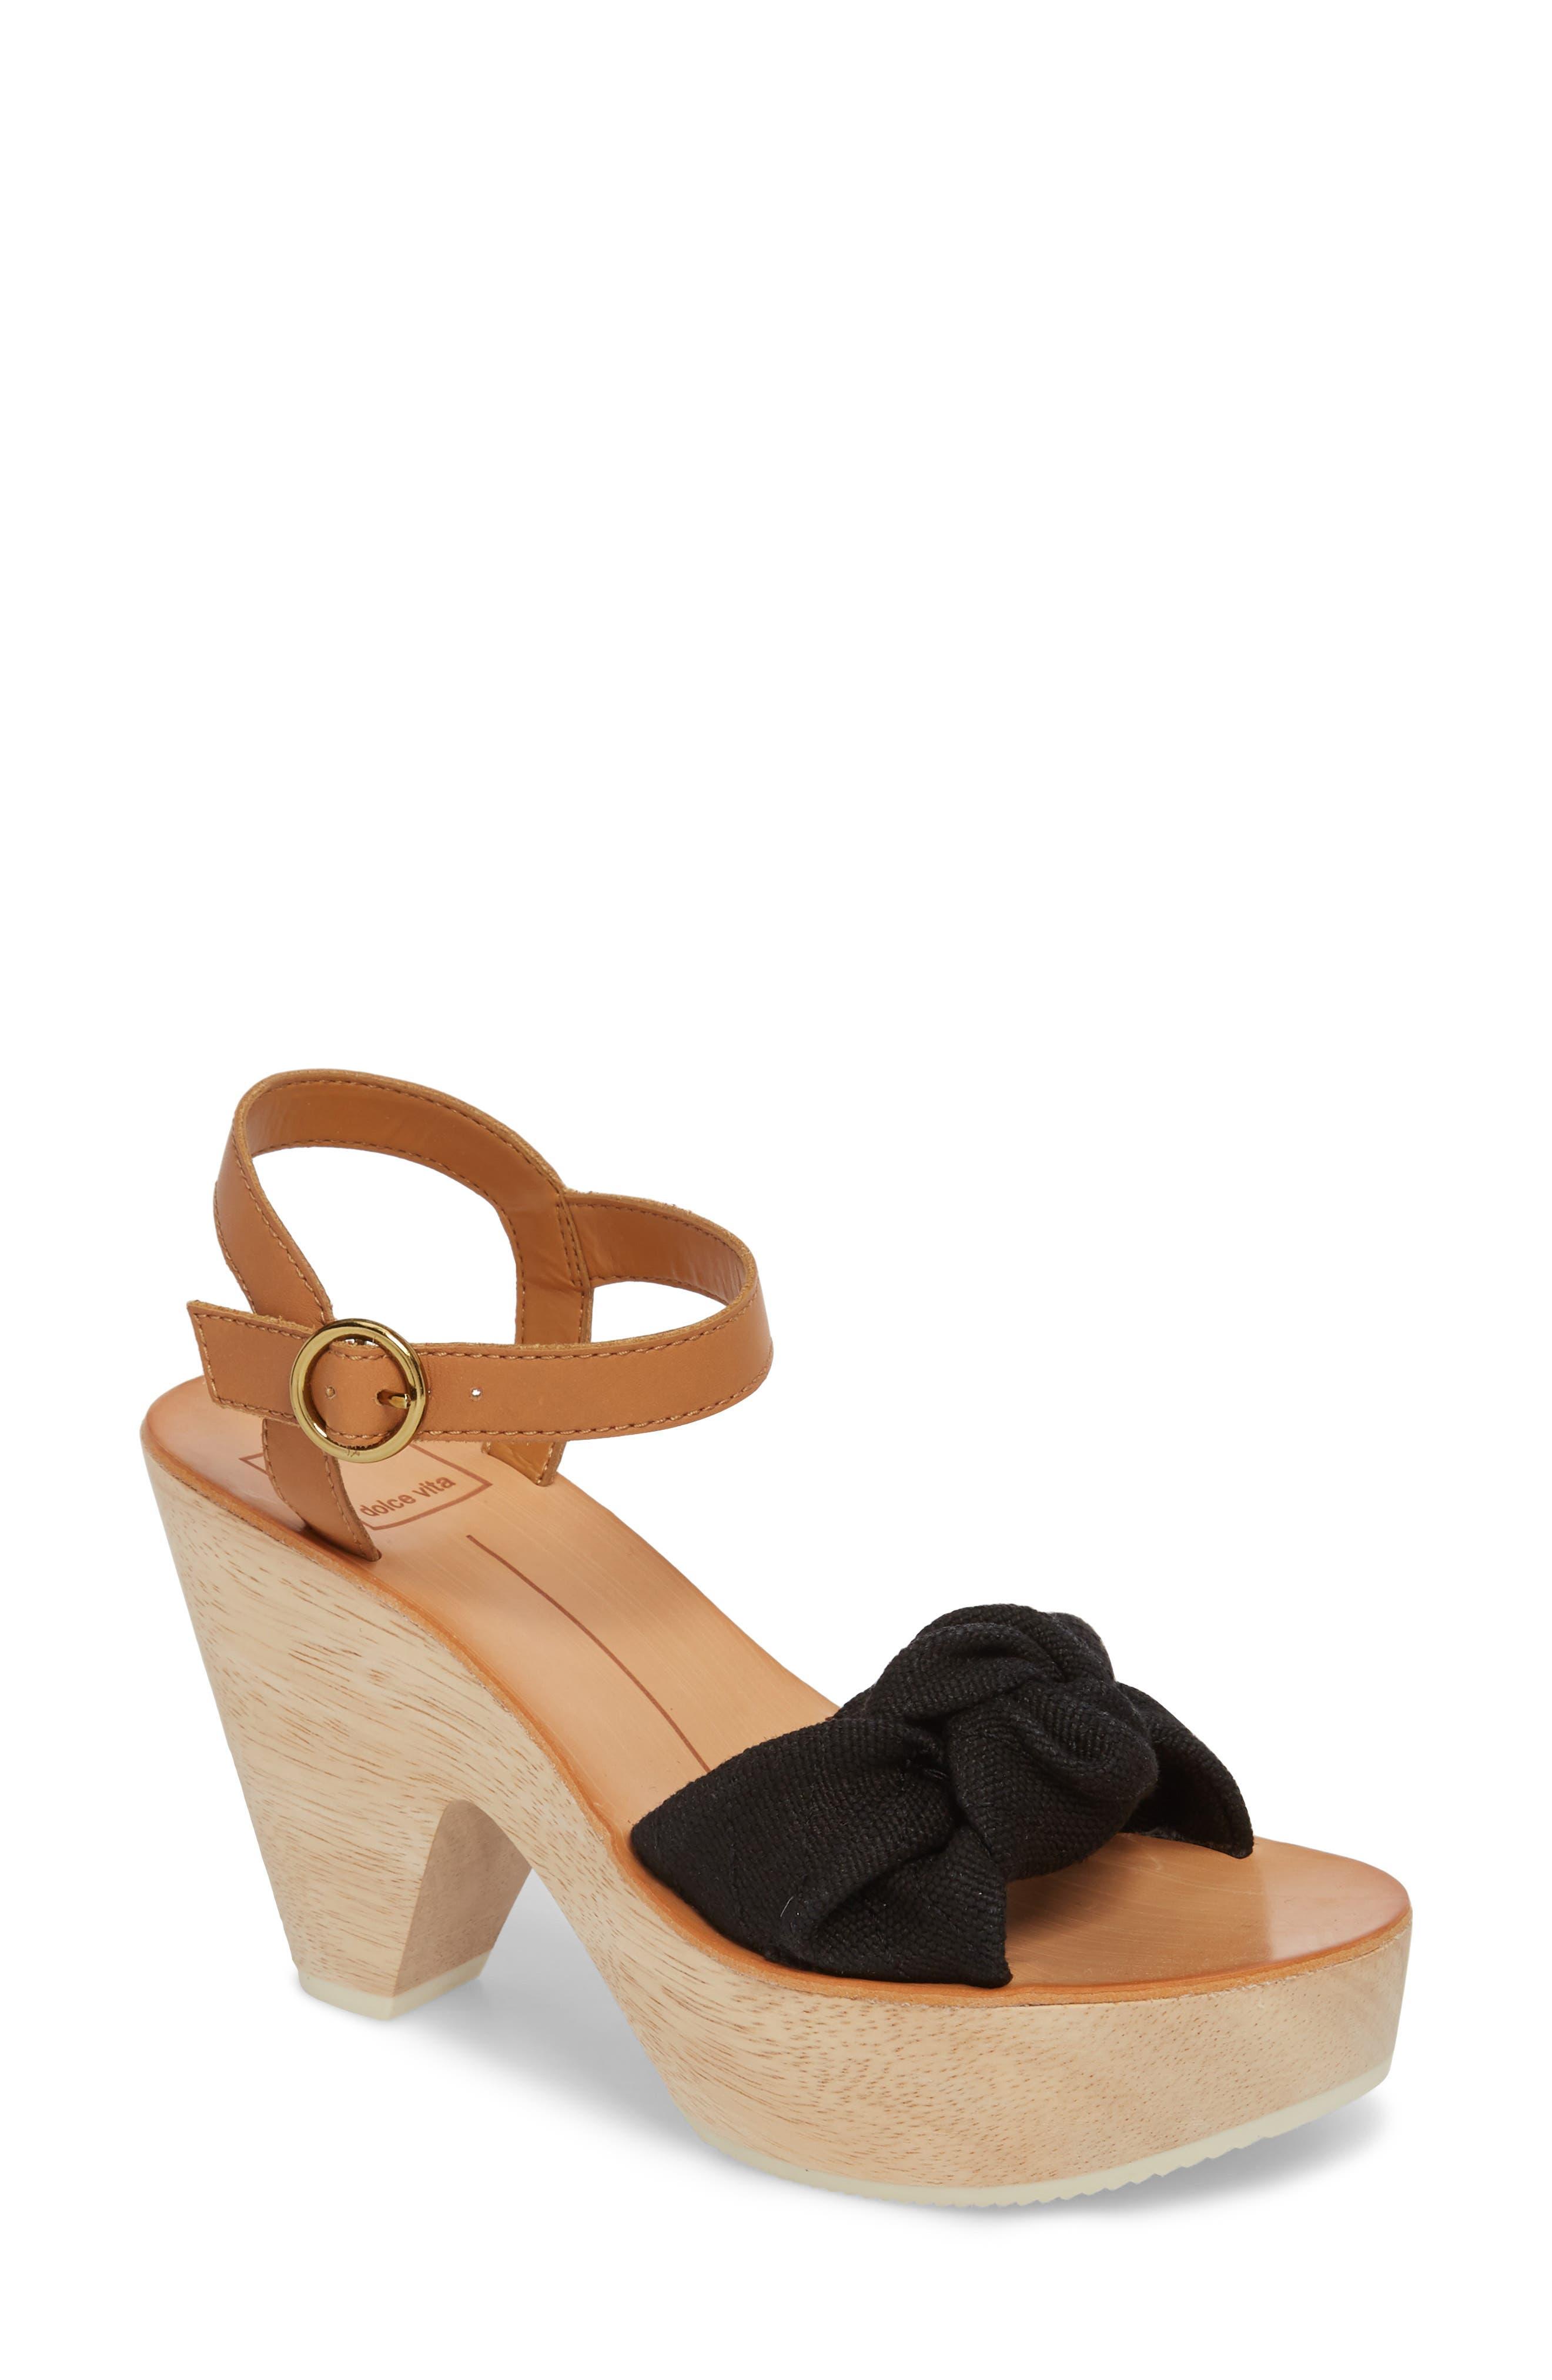 Shia Knotted Platform Sandal,                             Main thumbnail 1, color,                             Black Linen